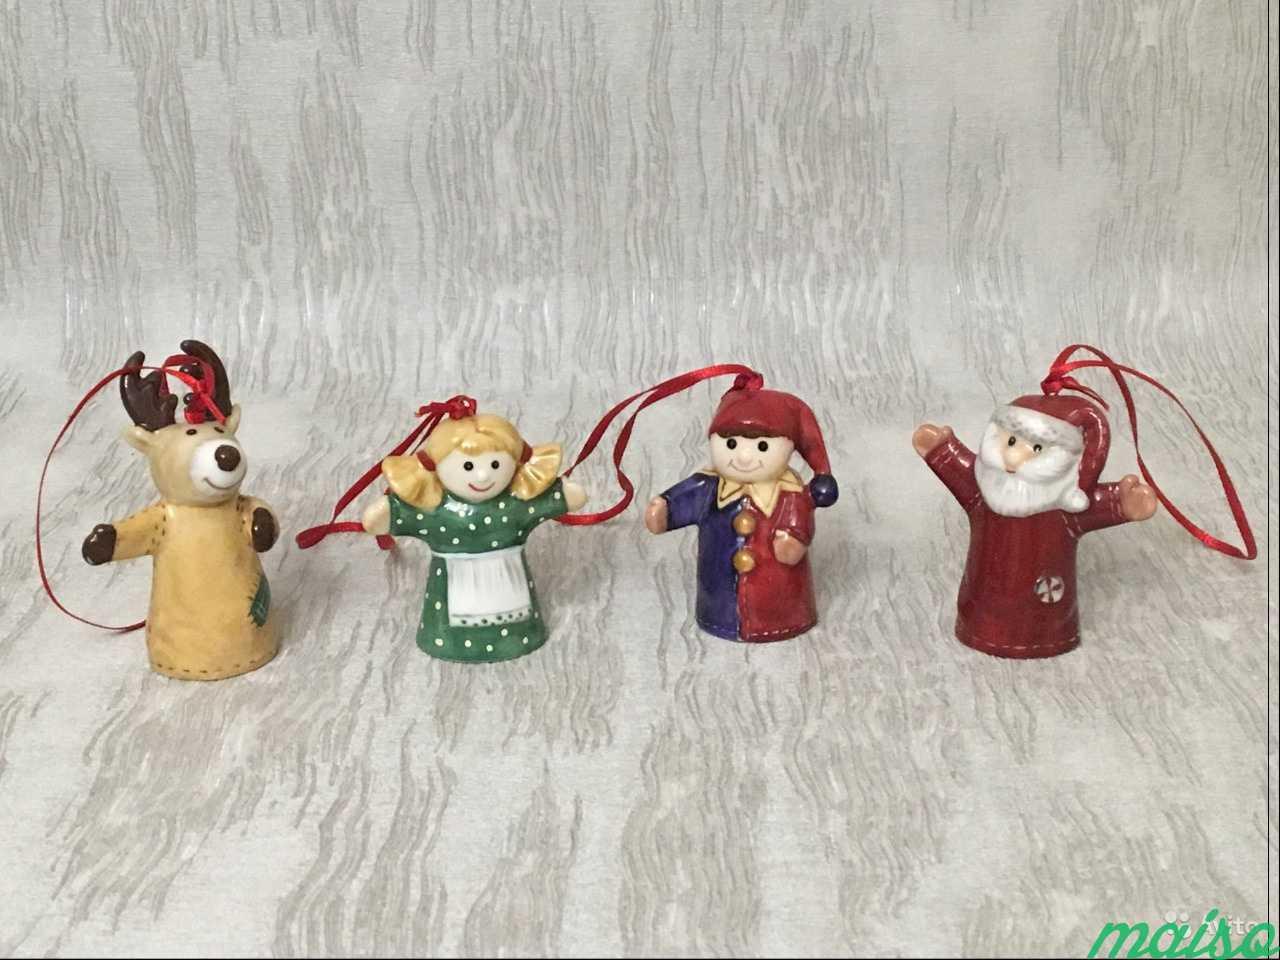 Елочные игрушки villeroy boch Christmas ornaments в Москве. Фото 1